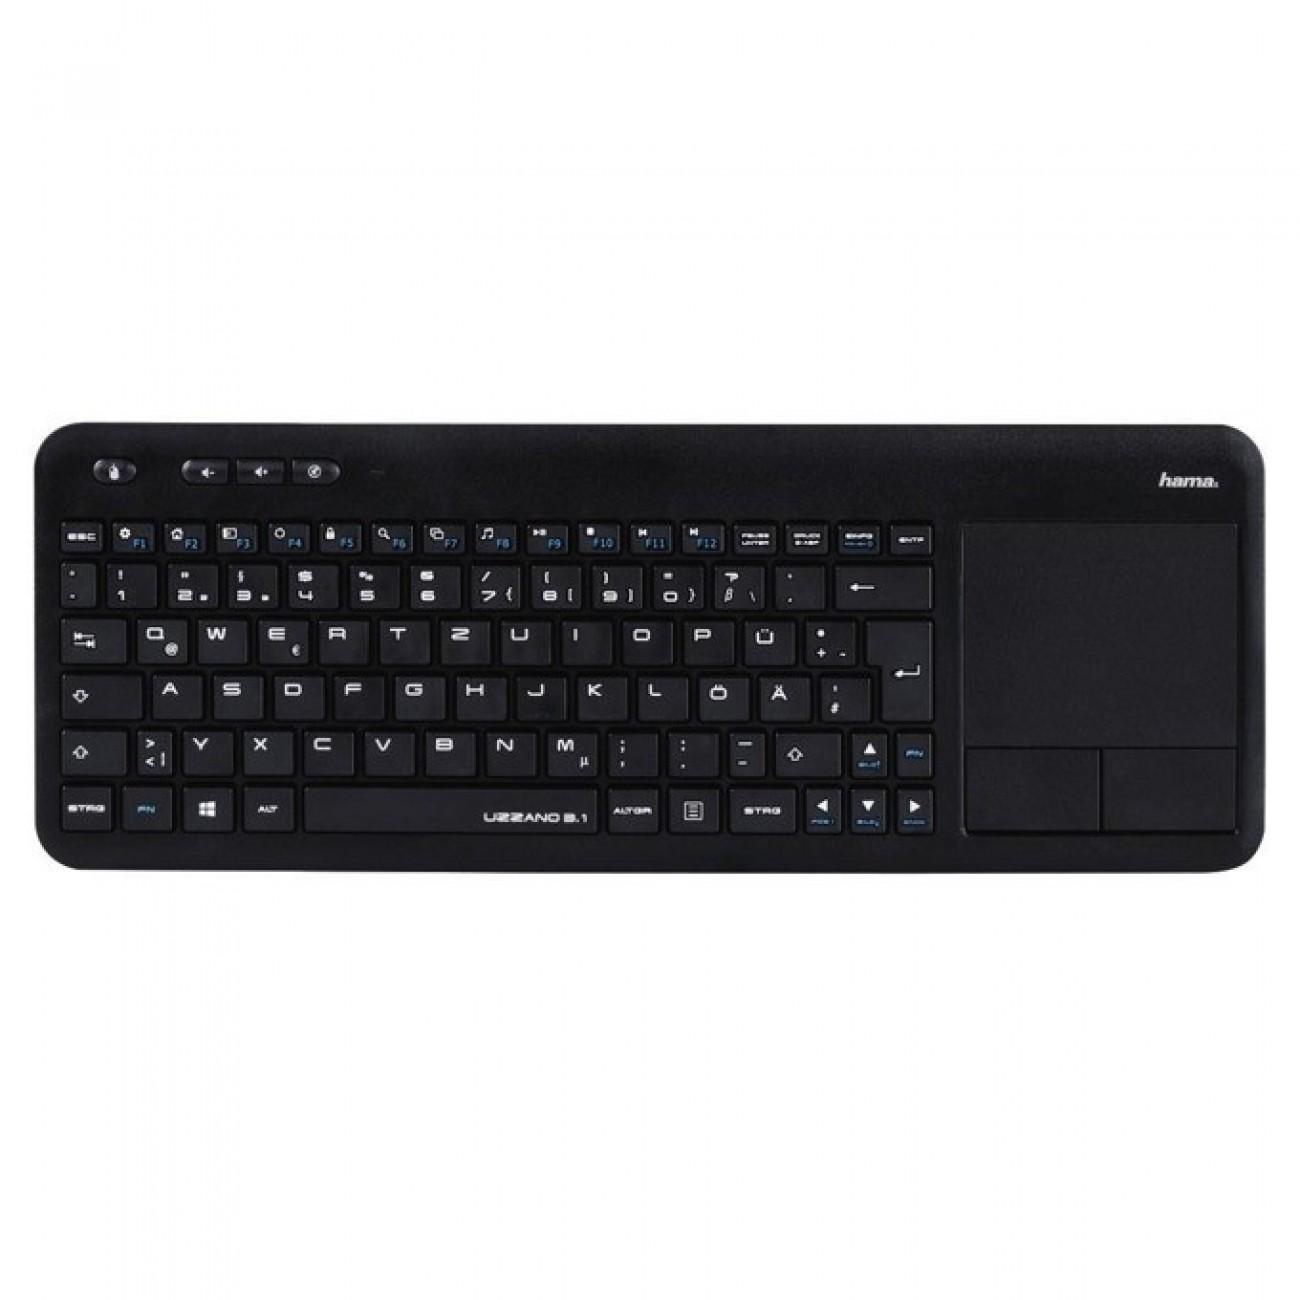 Клавиатура Hama Uzzano 3.1, безжична, тъч пад, черна, USB в Клавиатури -  | Alleop